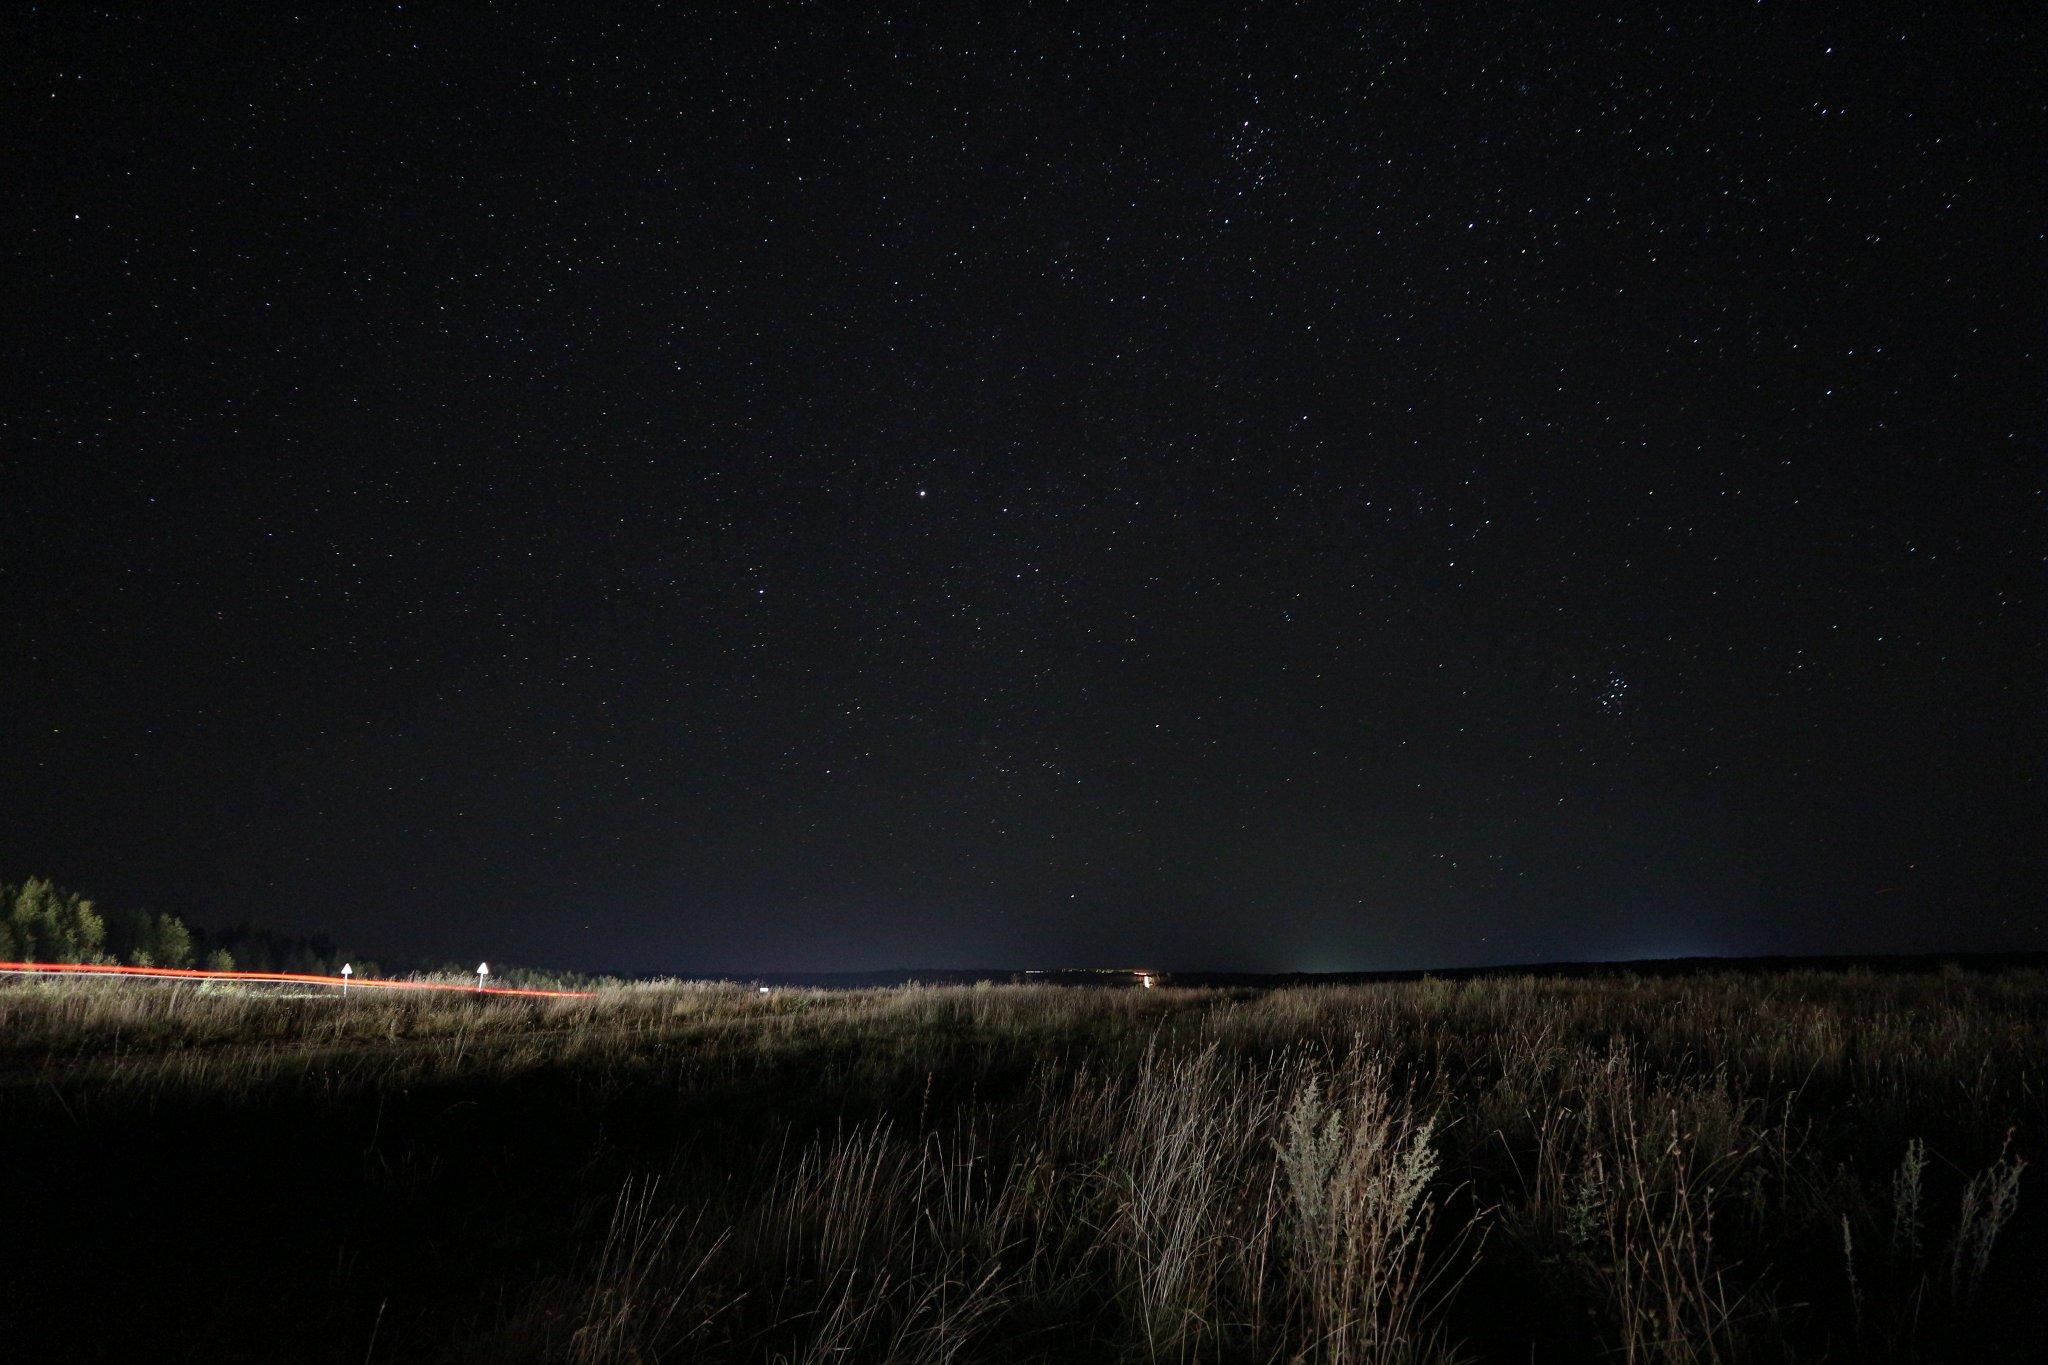 как фотографировать звездное небо на смартфон заседании городской думы